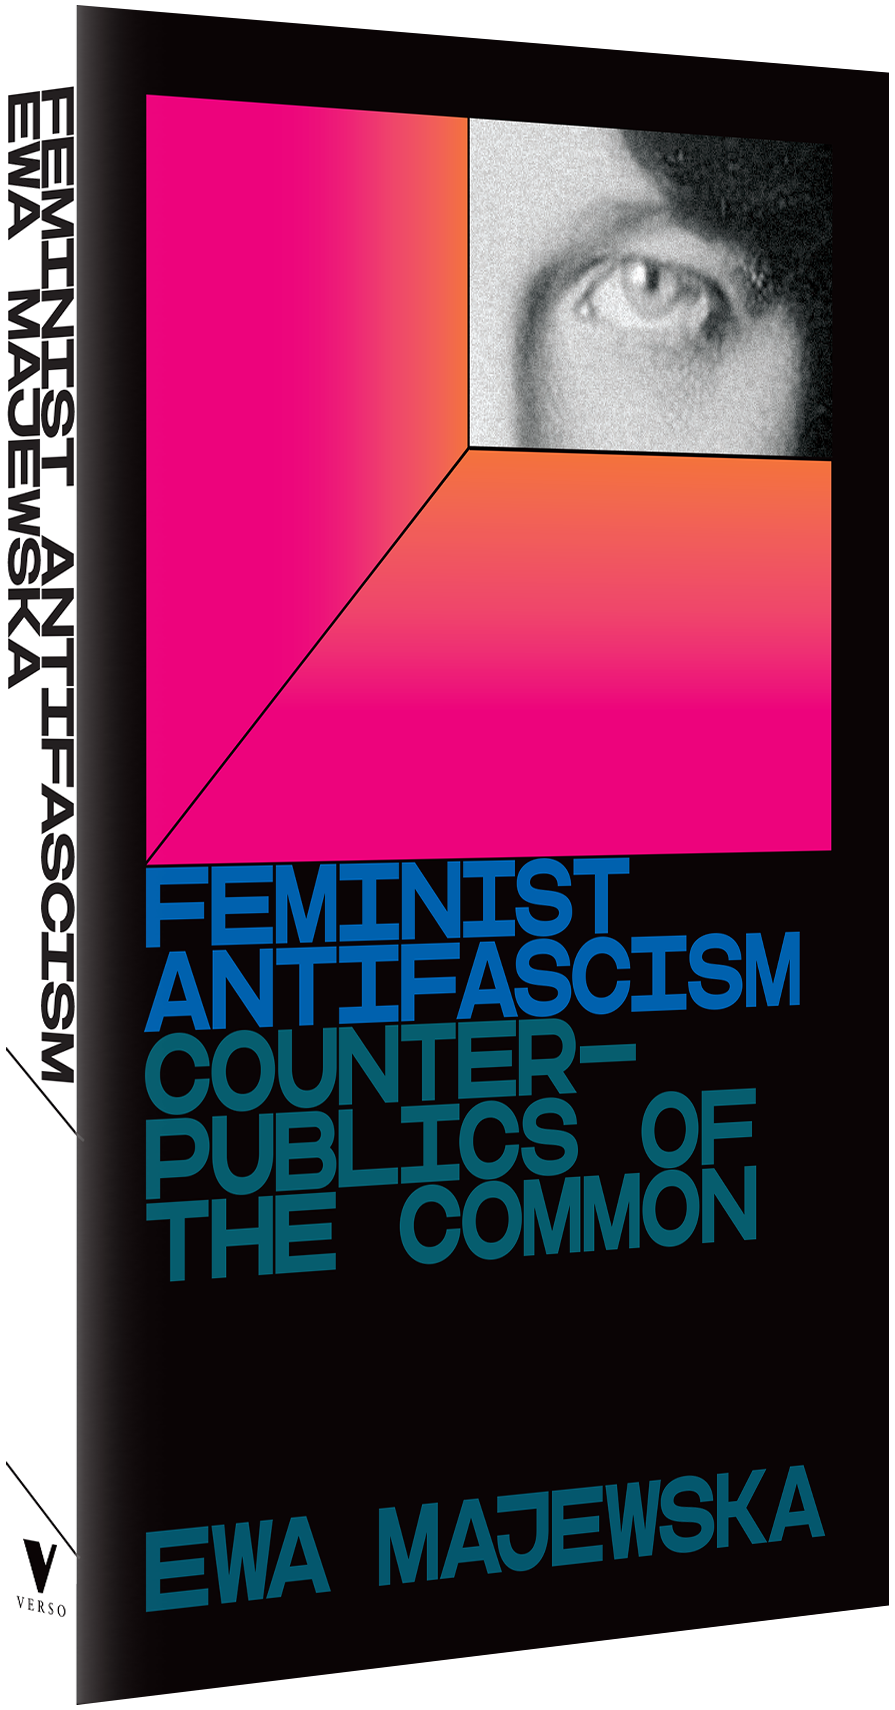 Feminist Antifascism